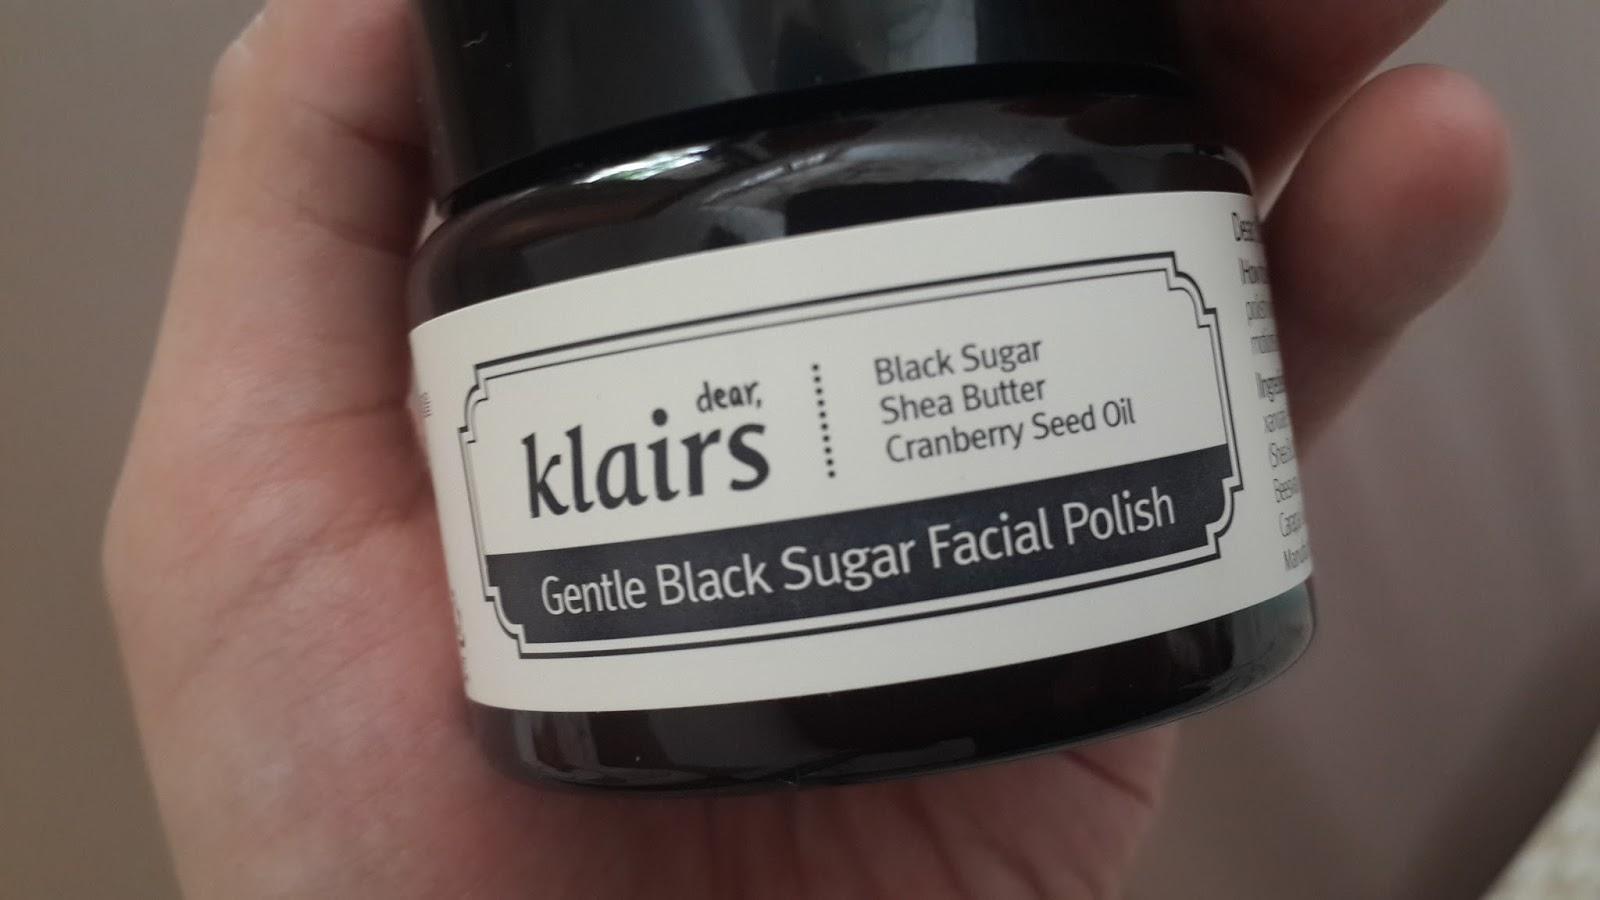 Gentle Black Sugar Facial Polish by Klairs #5